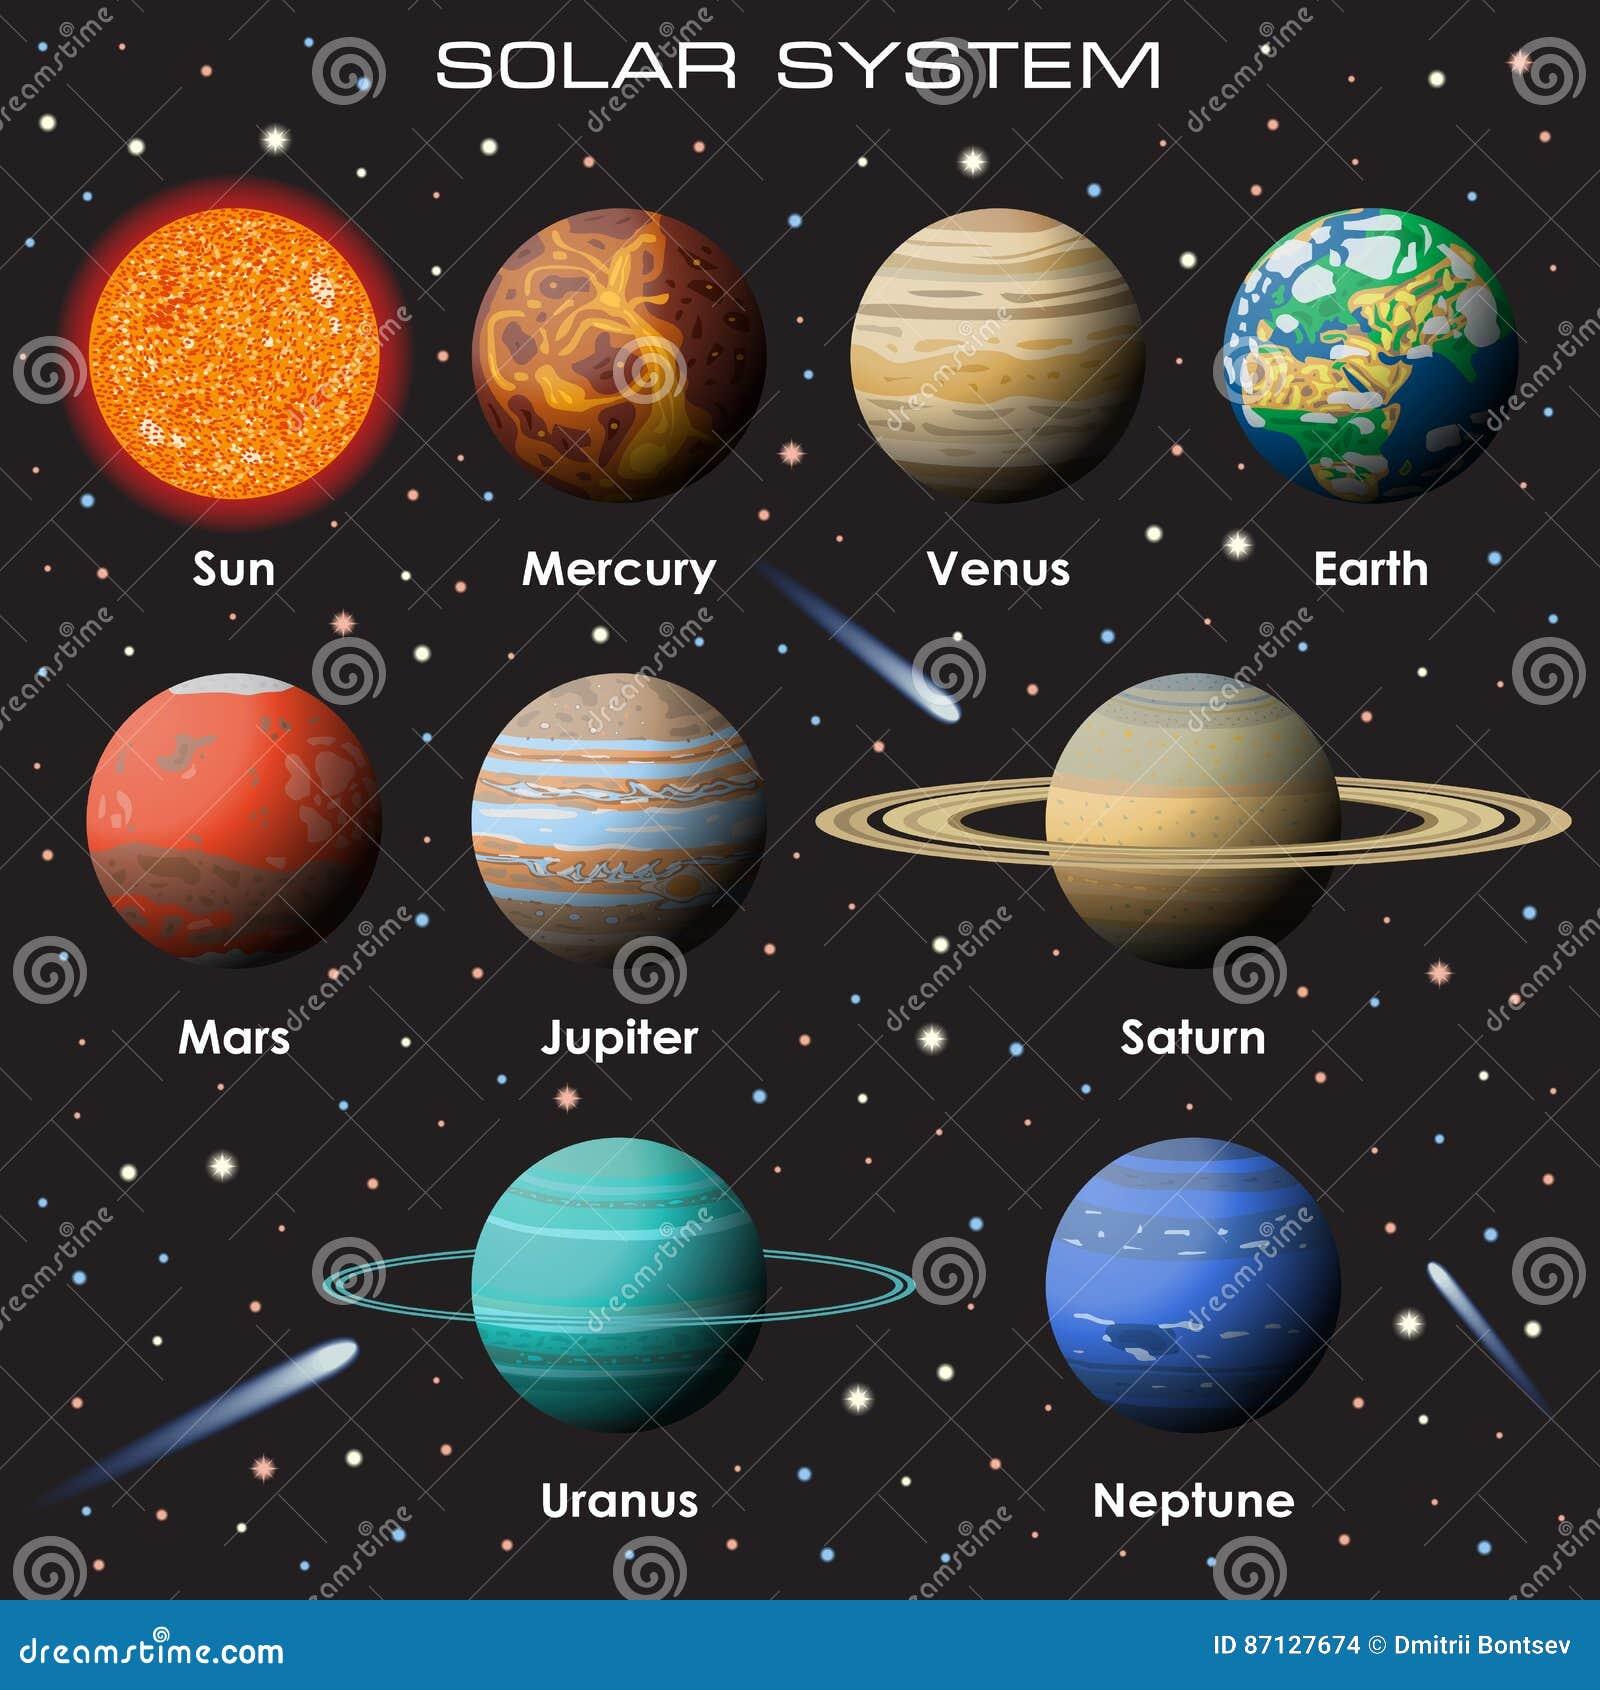 Διανυσματικό σύνολο ηλιακού συστήματος μας με τους πλανήτες